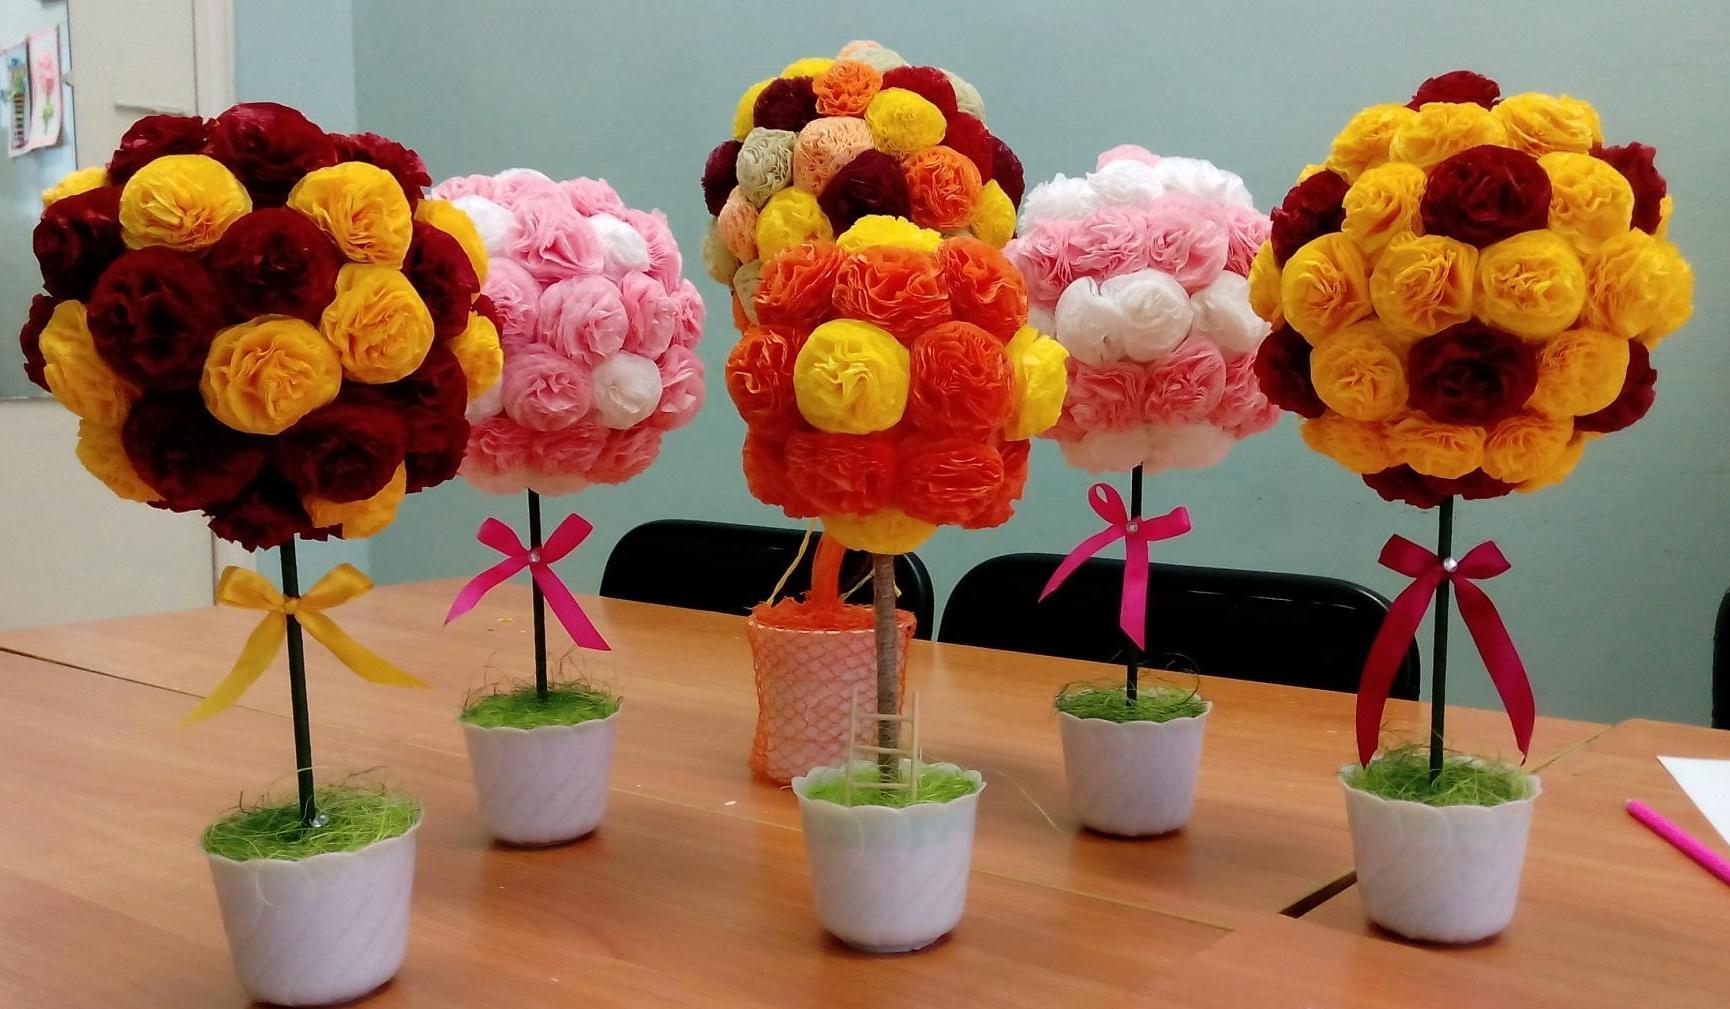 цветы из салфетки в горшках фото